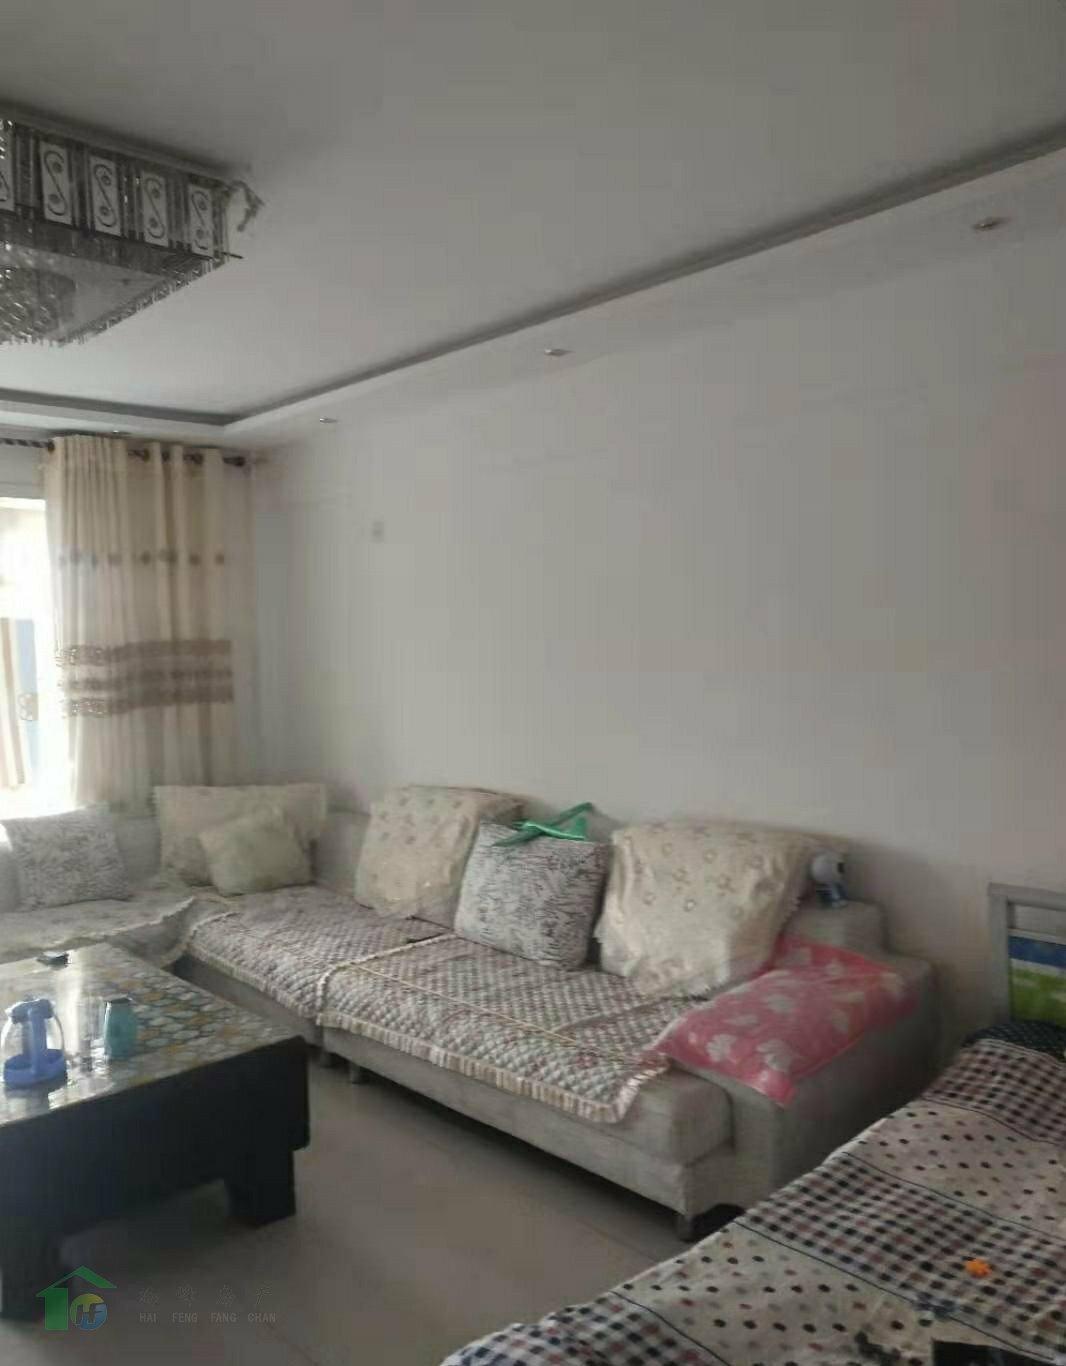 瑞德苑小区2室2厅1卫3楼100平米45万带家具家电